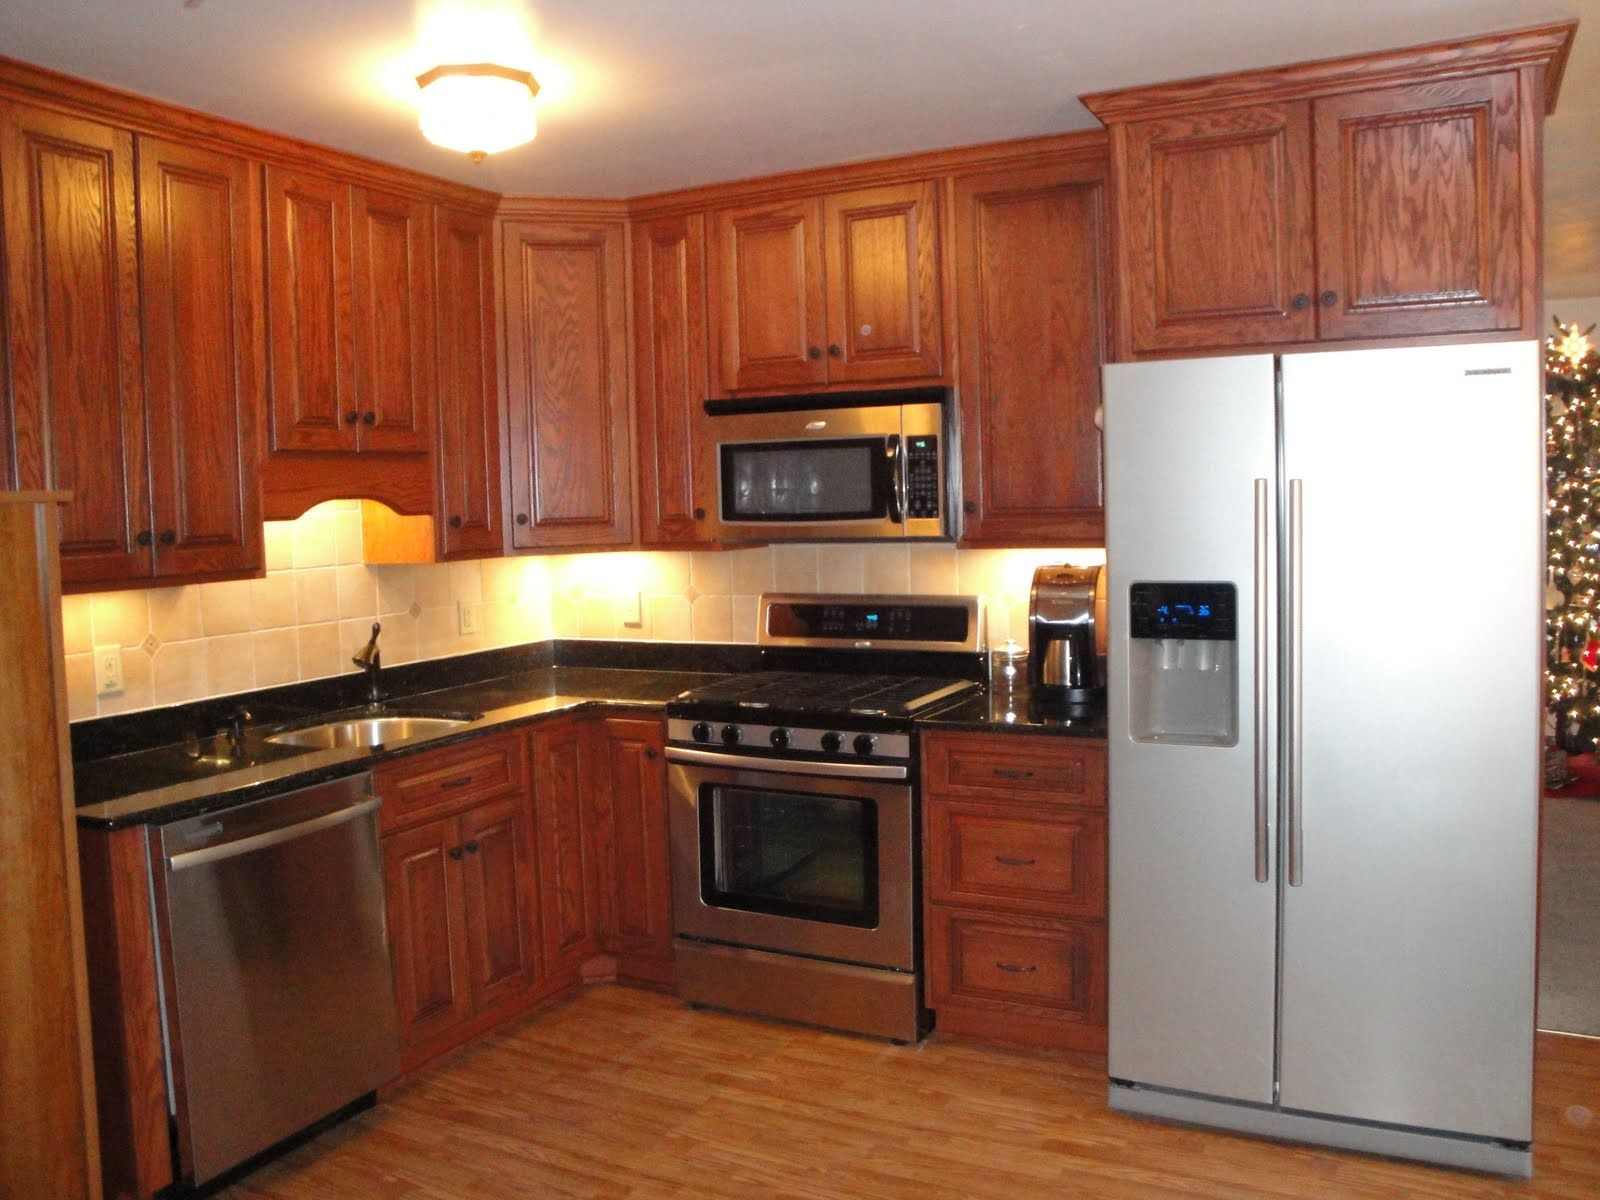 oak cabinets stained dark | Kitchen | Pinterest | Oak ...